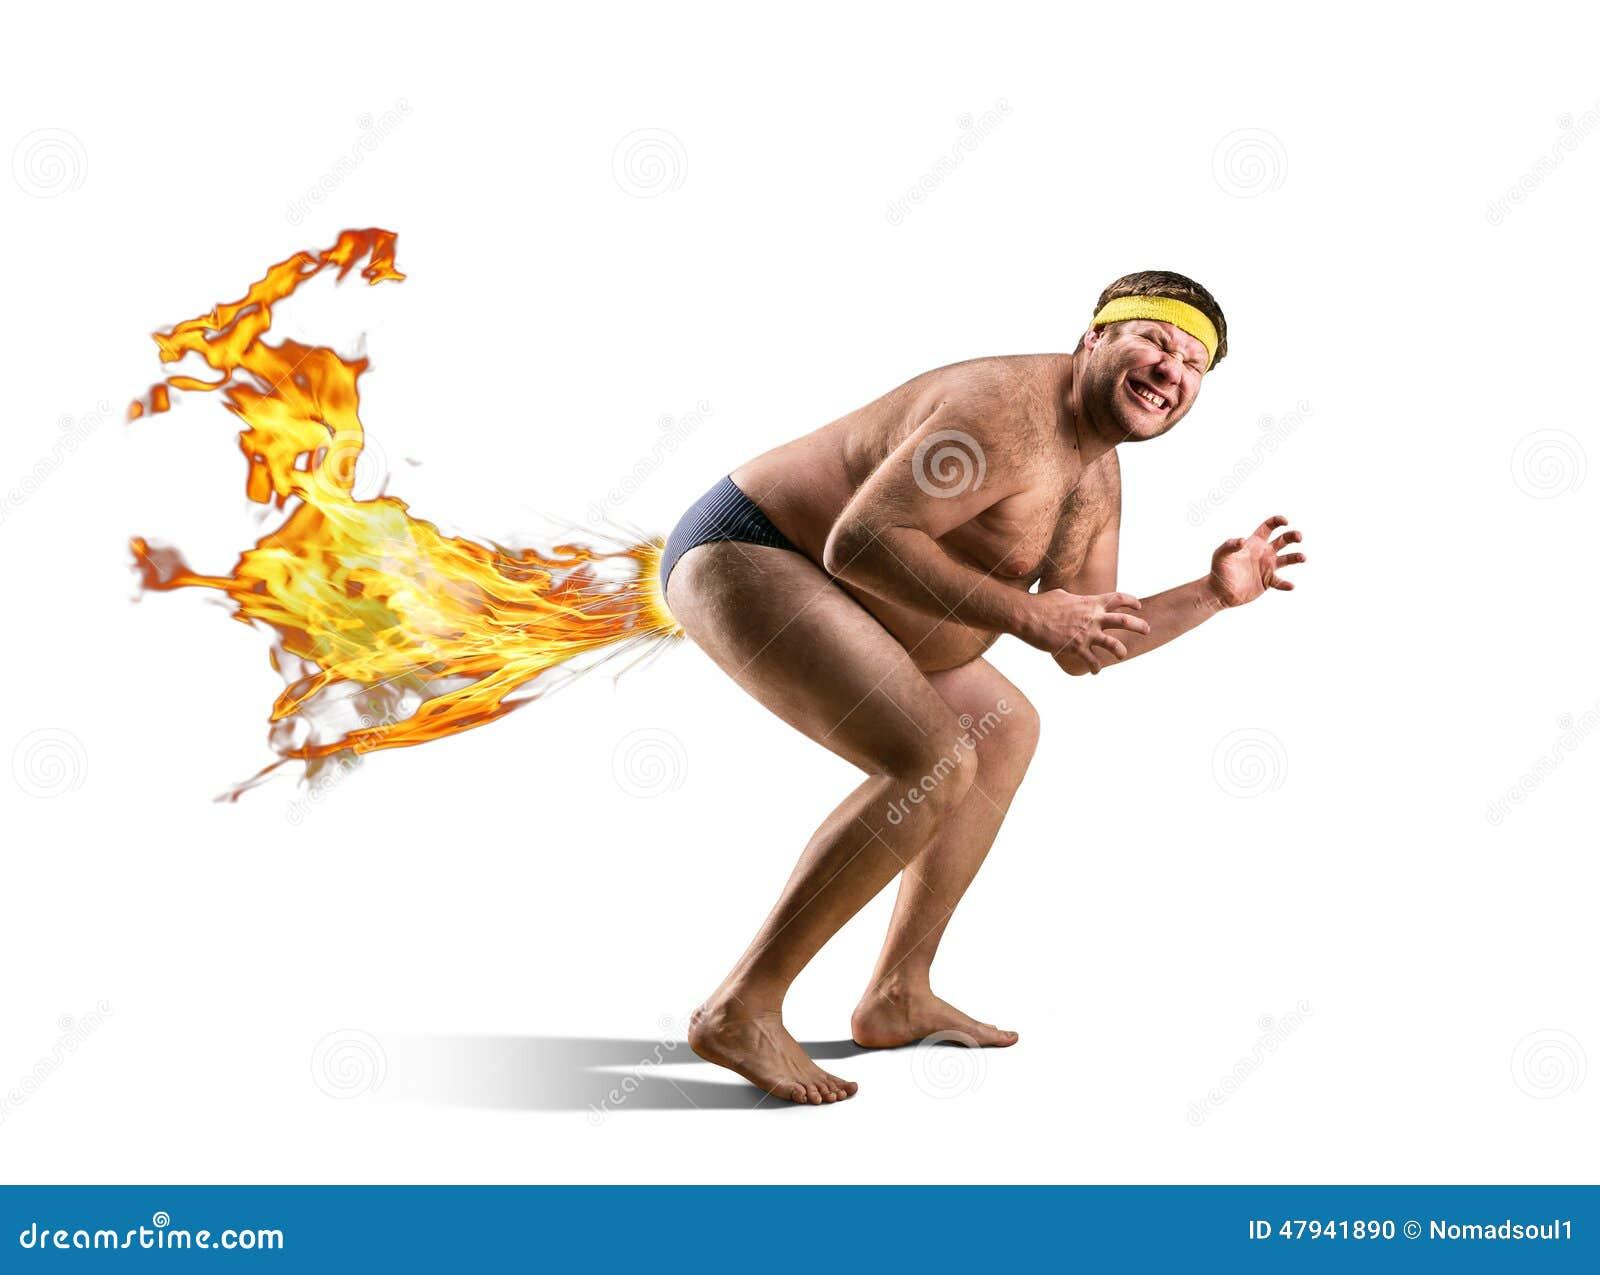 Il freak nudo scoreggia da fuoco